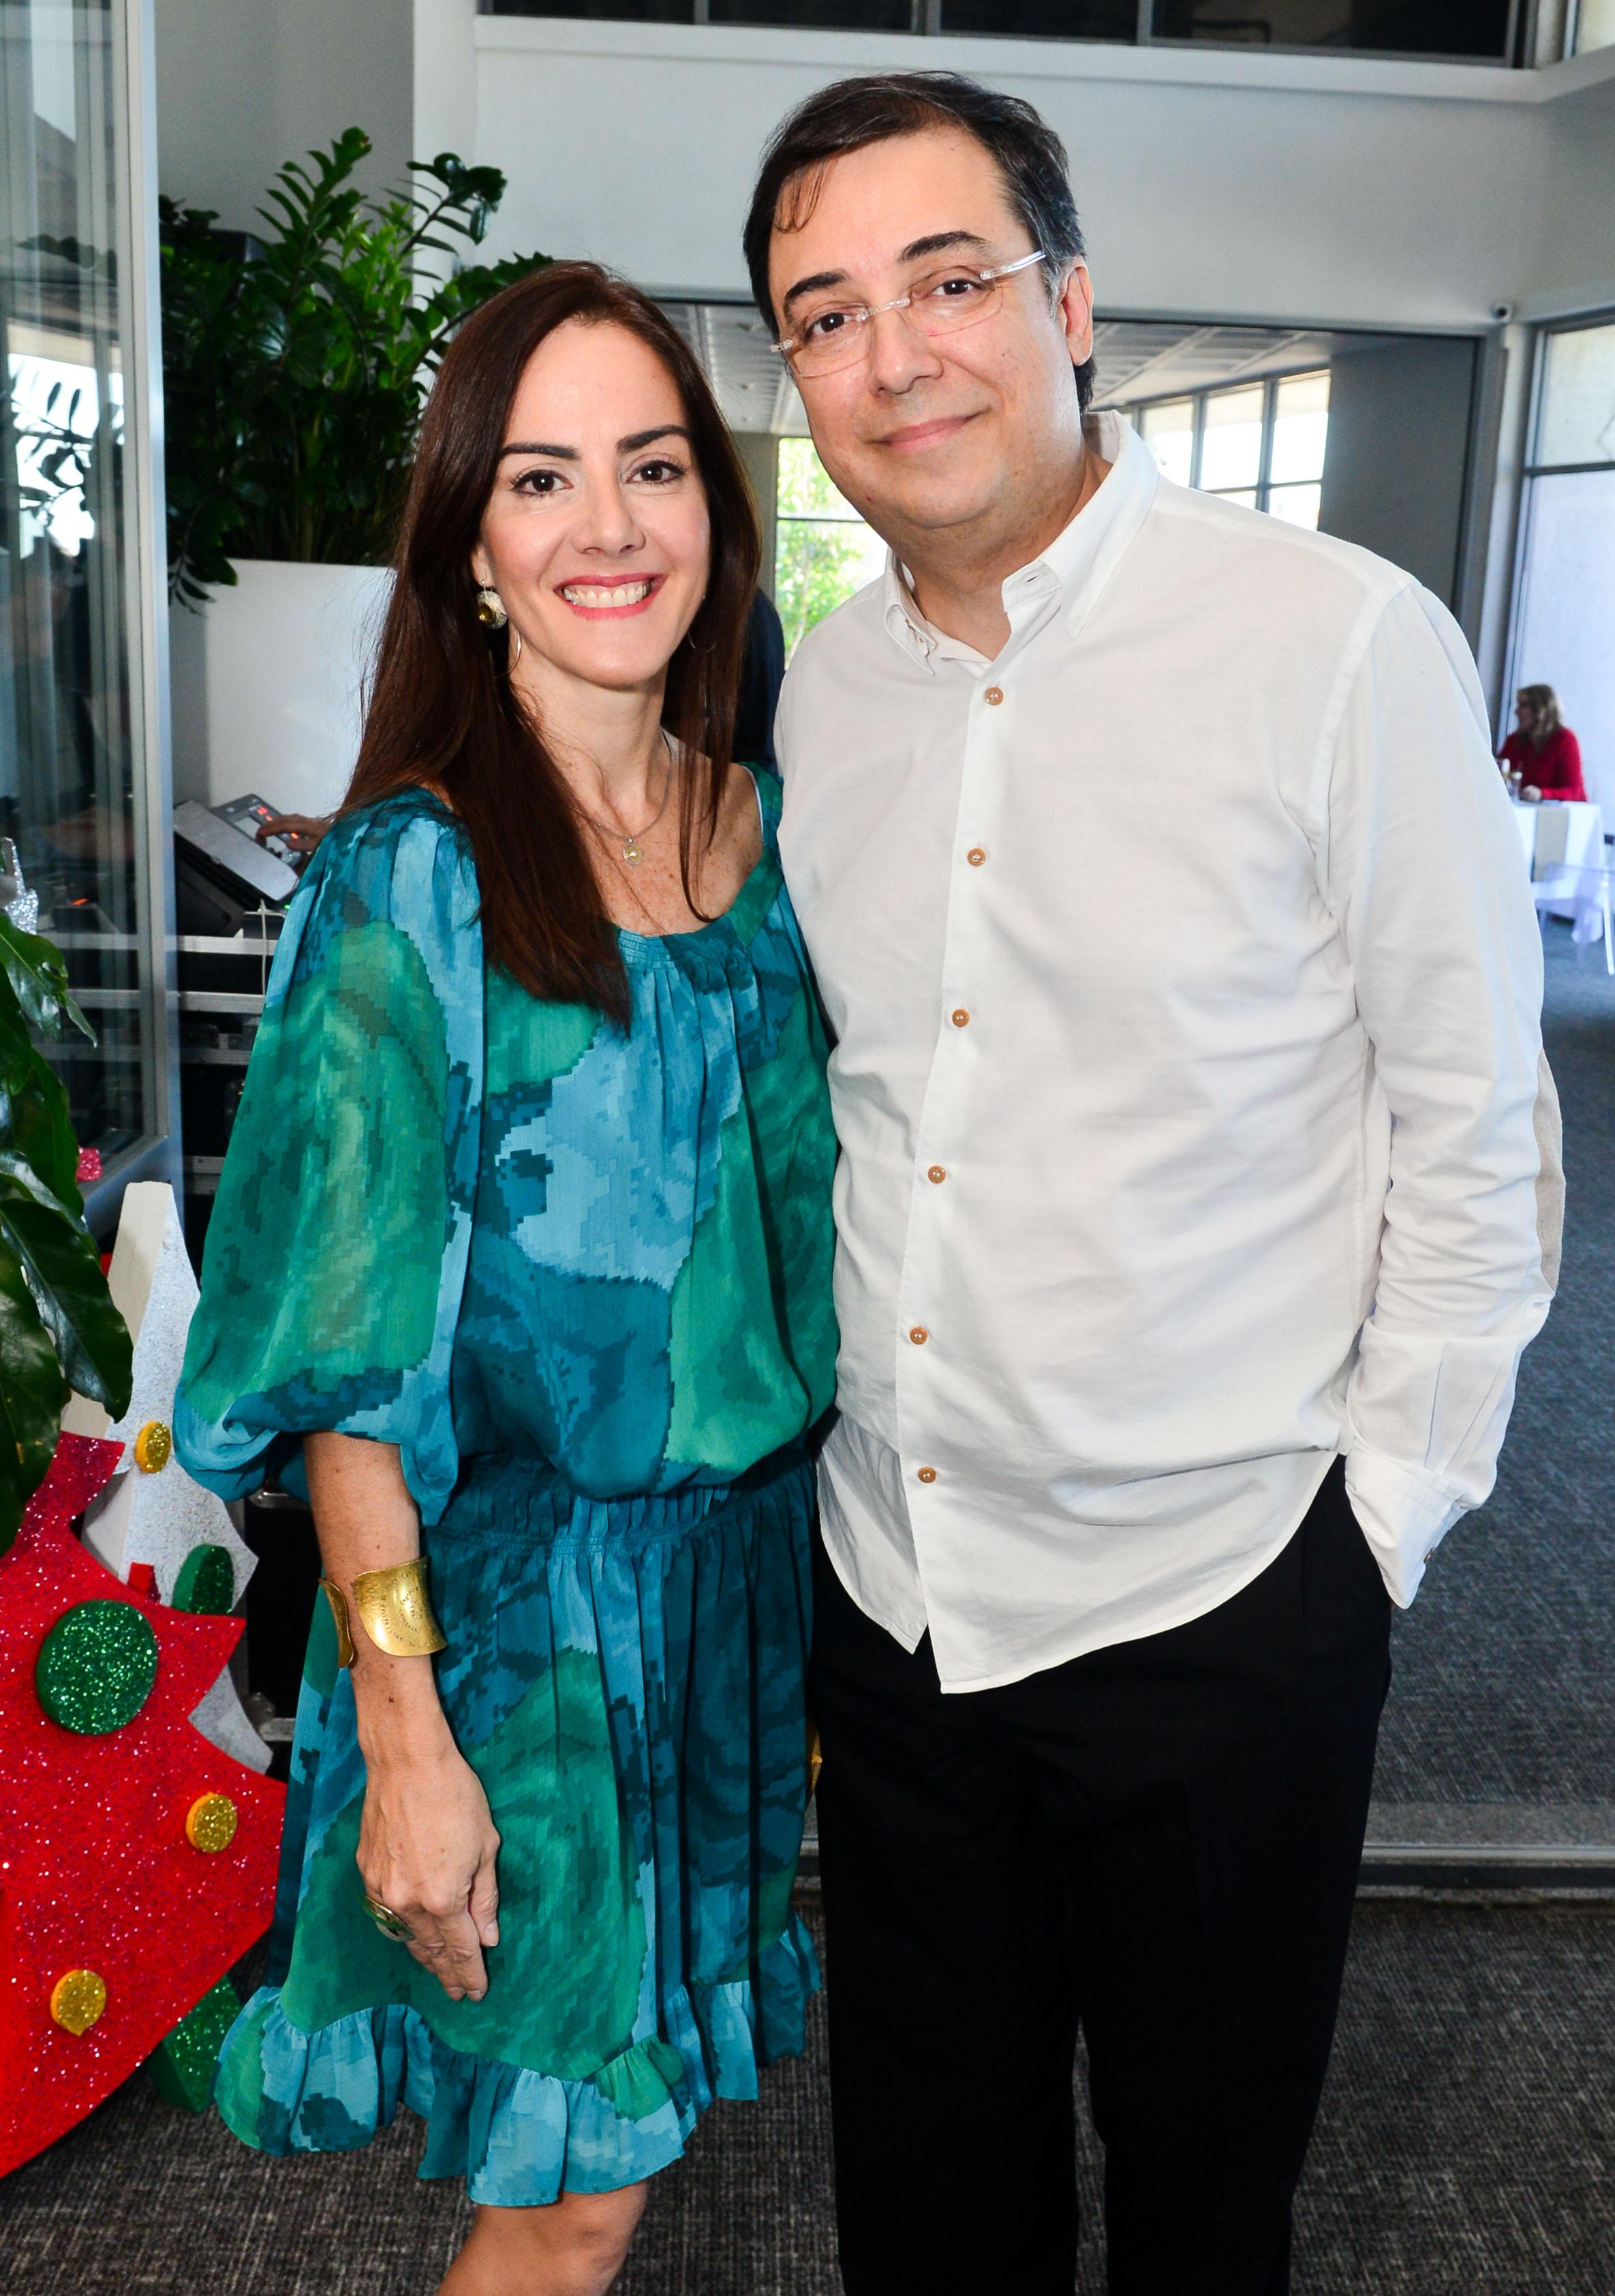 María Blondet y José Manuel Carrión. Foto Enid M. Salgado Mercado.